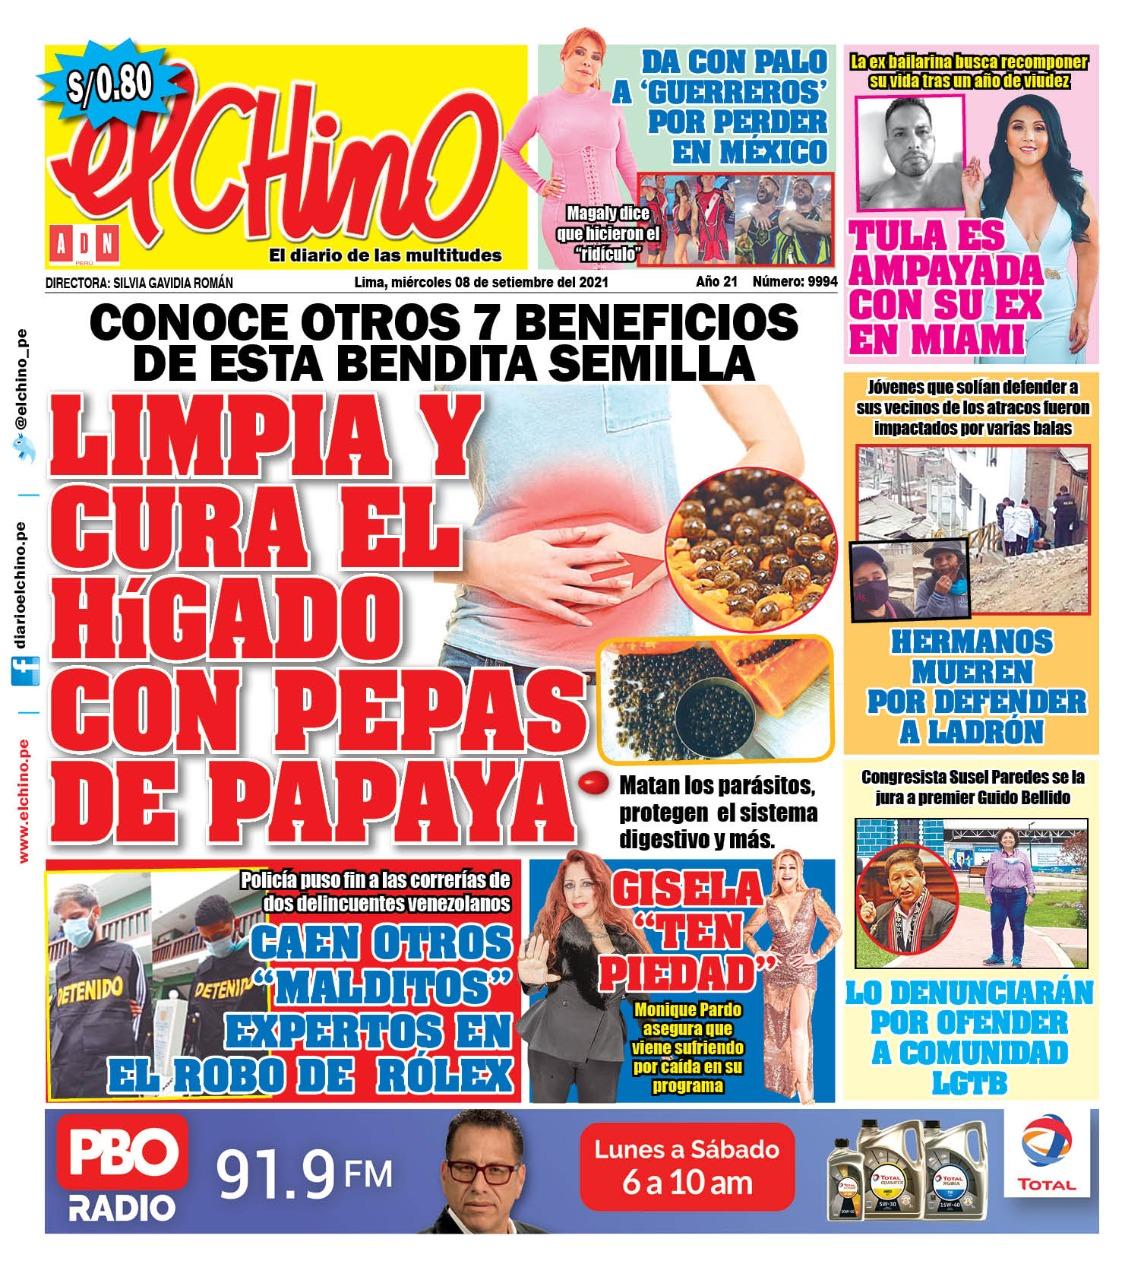 Portada impresa – Diario El Chino (08/09/2021)